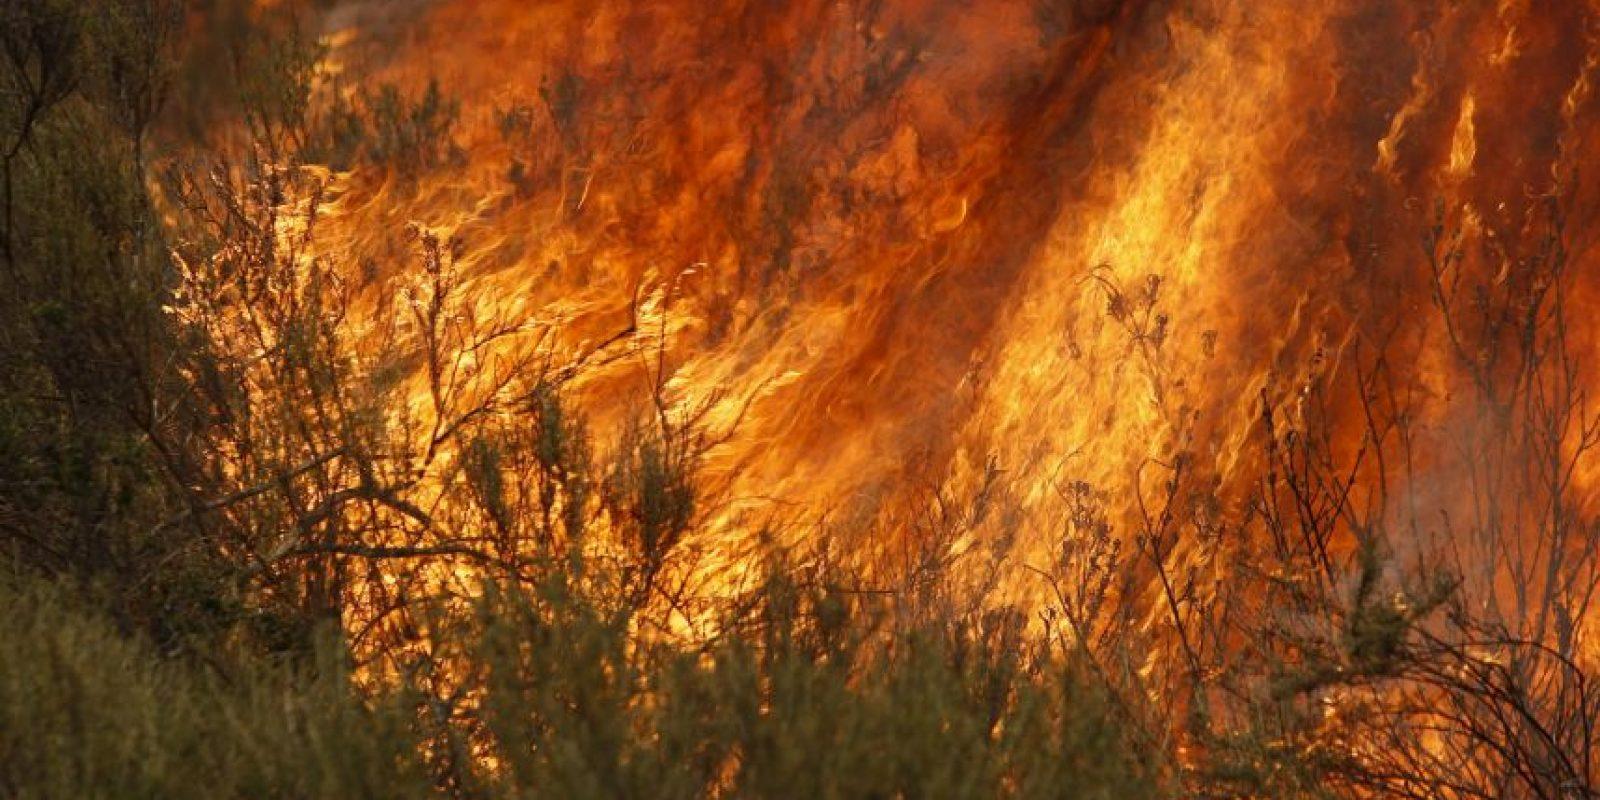 Continuar con sus actividades ante la señal de alerta. Autoridades recomiendan evacuar de inmediato Foto:Getty Images